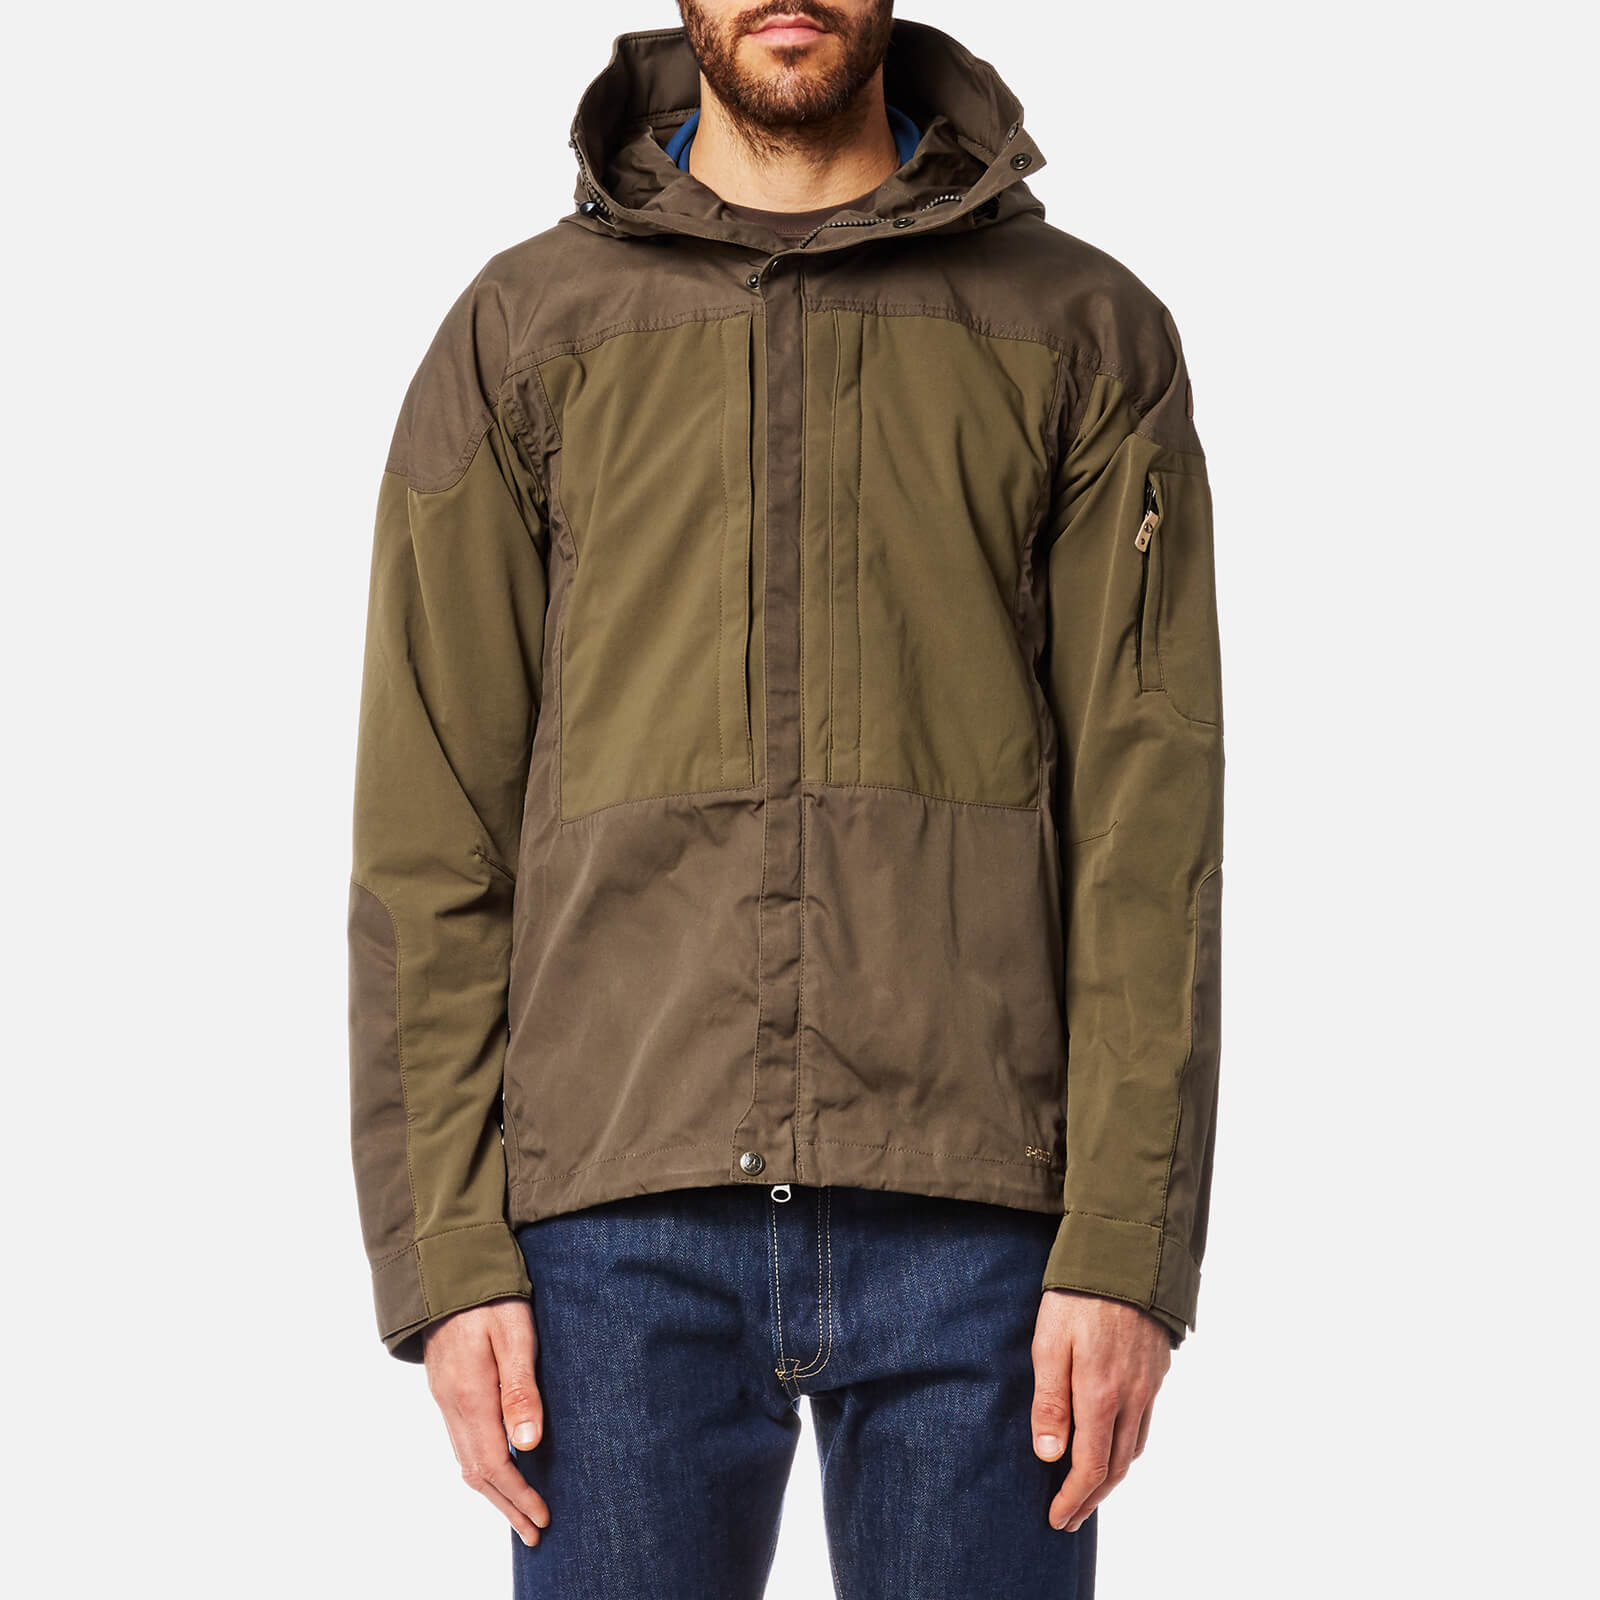 Farbbrillanz schnell verkaufend ganz nett Fjallraven Men's Keb Jacket - Khaki